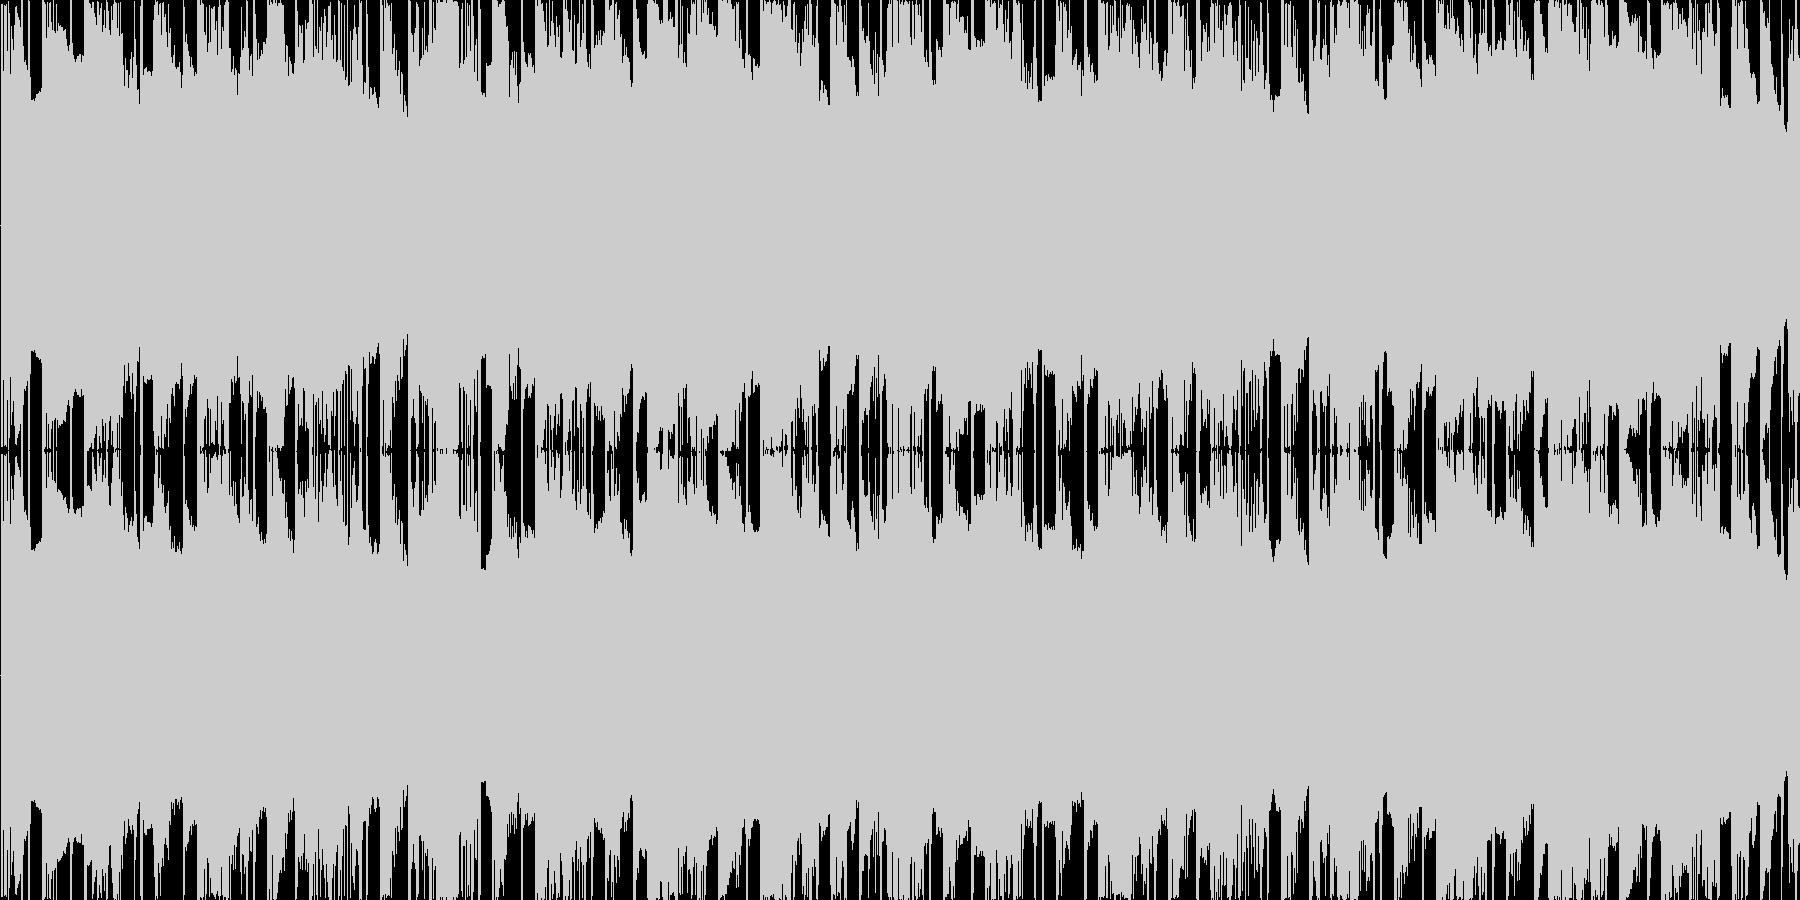 ファミコン風のダンジョン・迷路向けBGMの未再生の波形